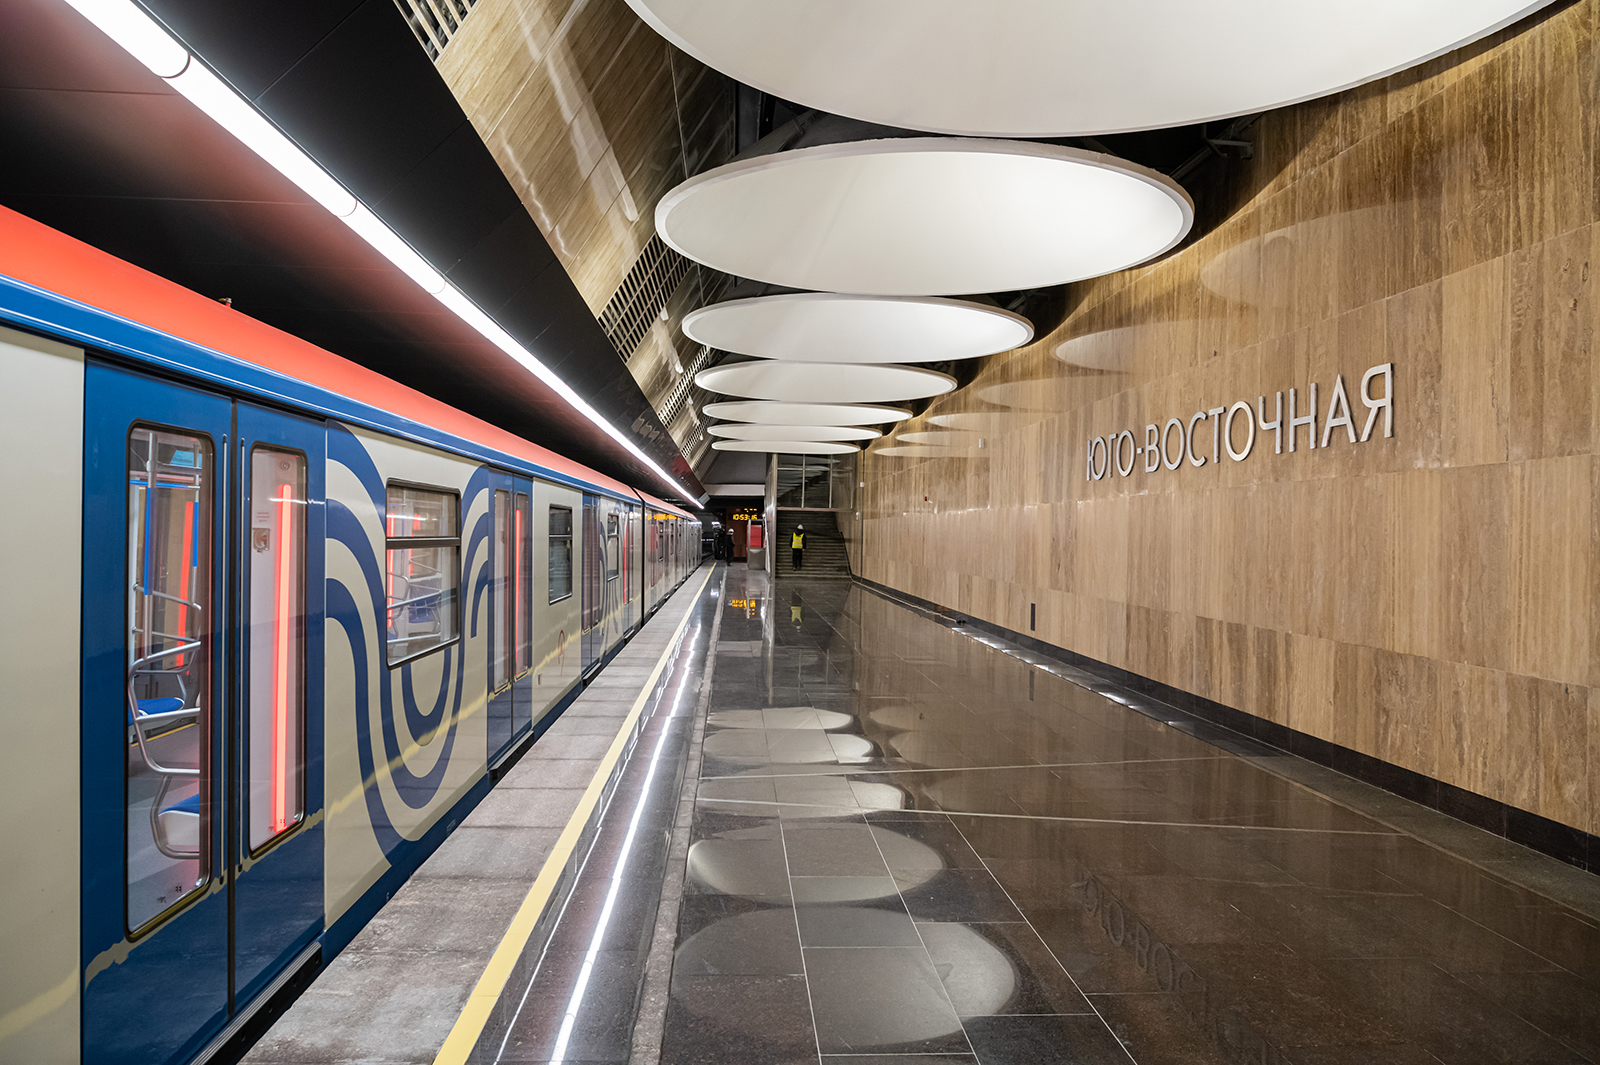 Метро Станция Юго-Восточная